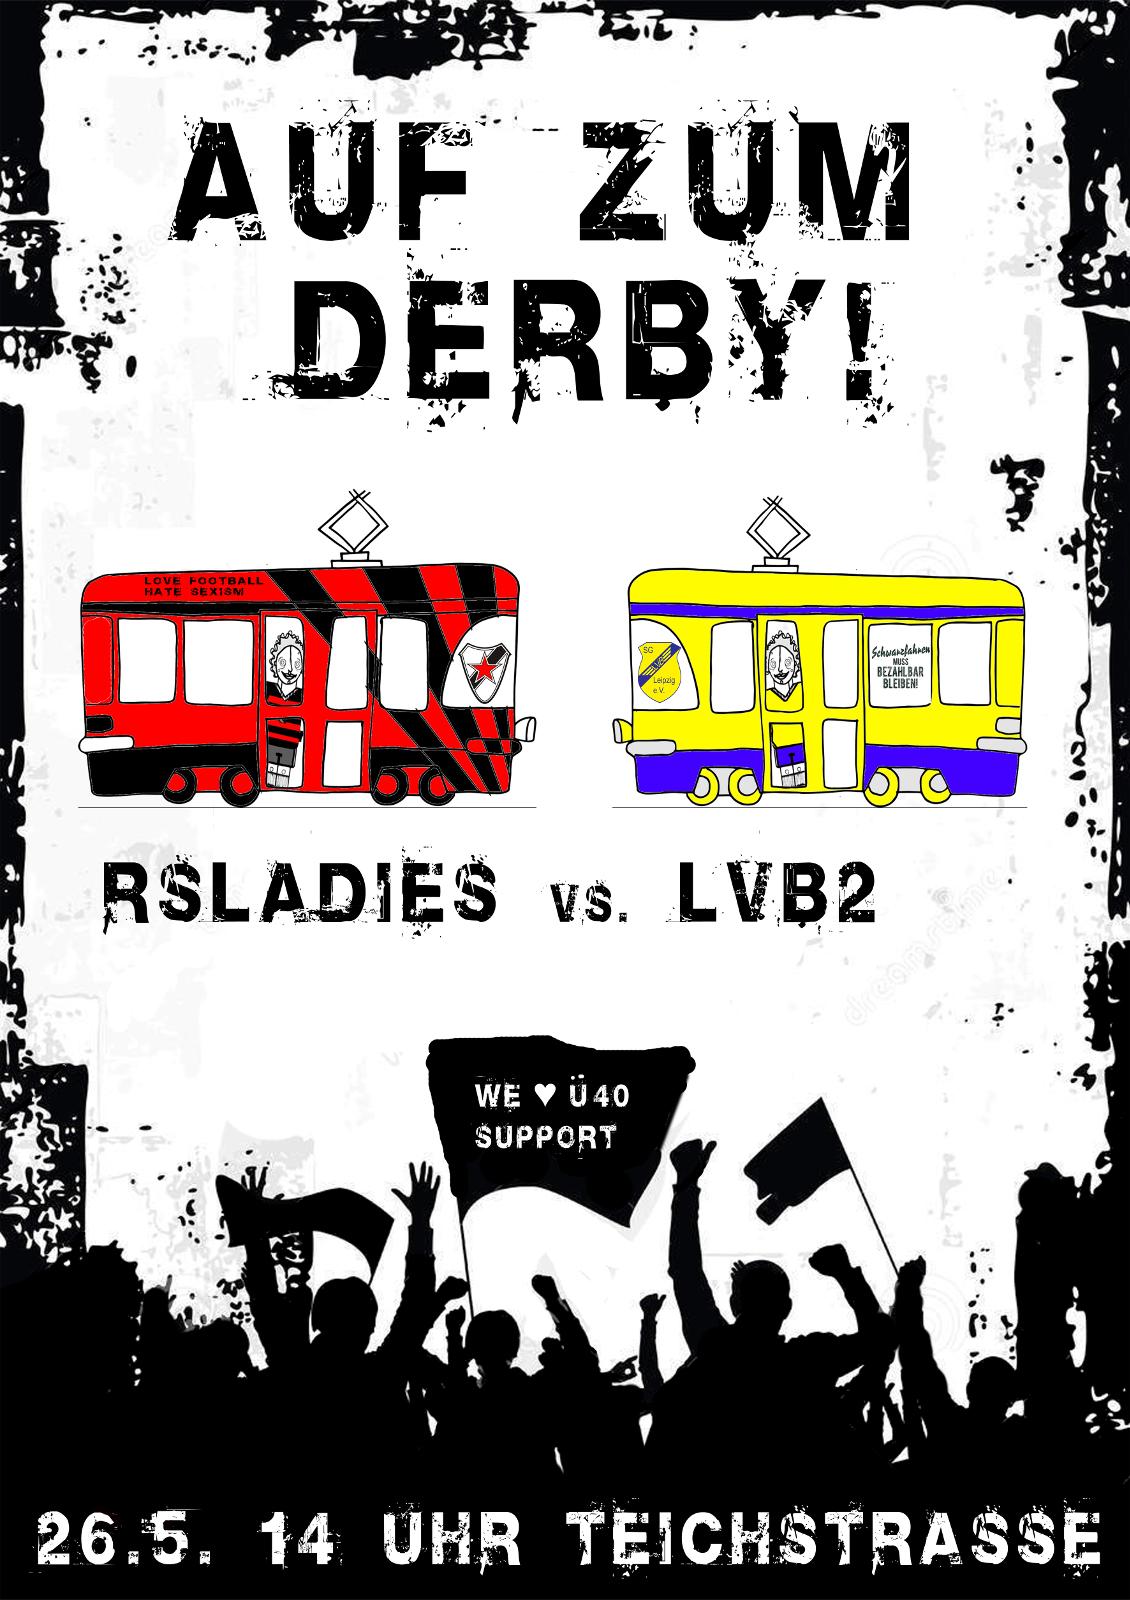 RSL-LVB2_BL